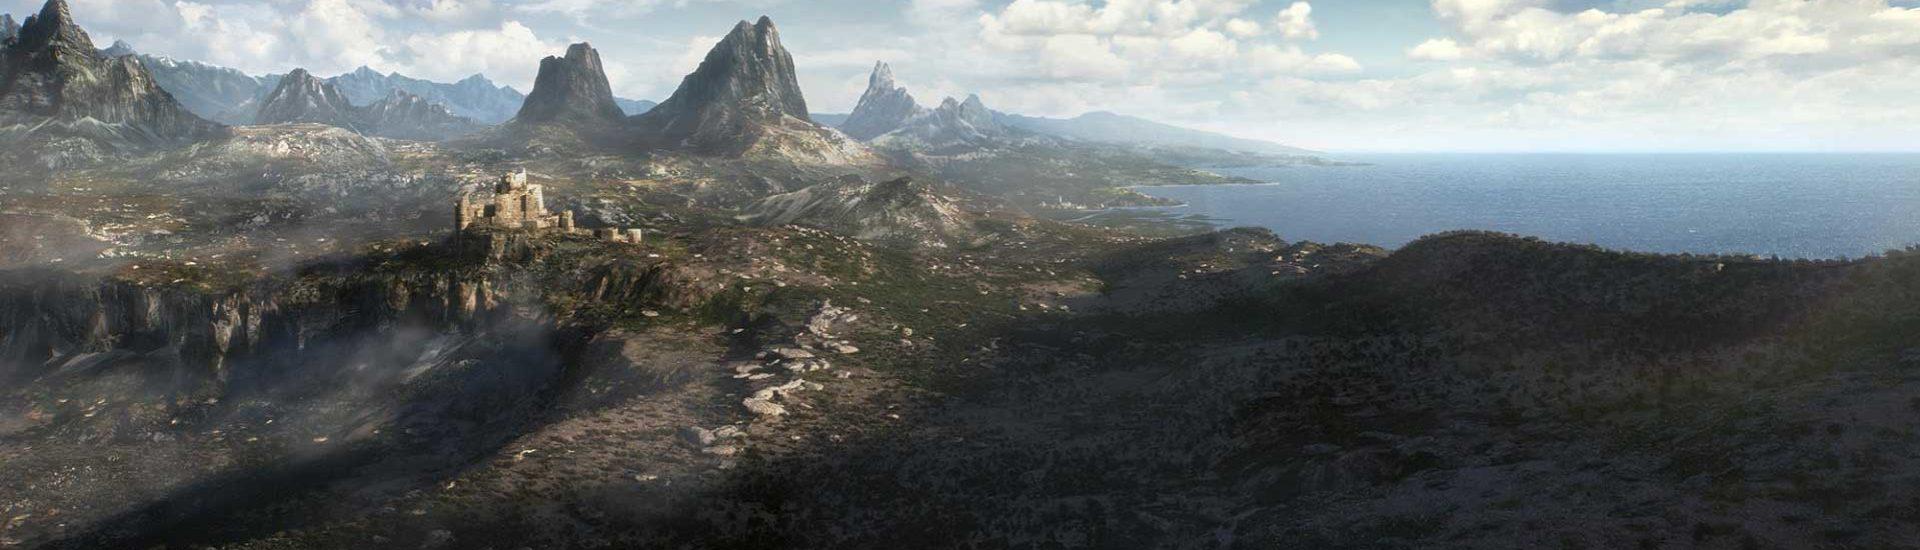 The Elder Scrolls 6 steckt noch tief in der Design-Phase